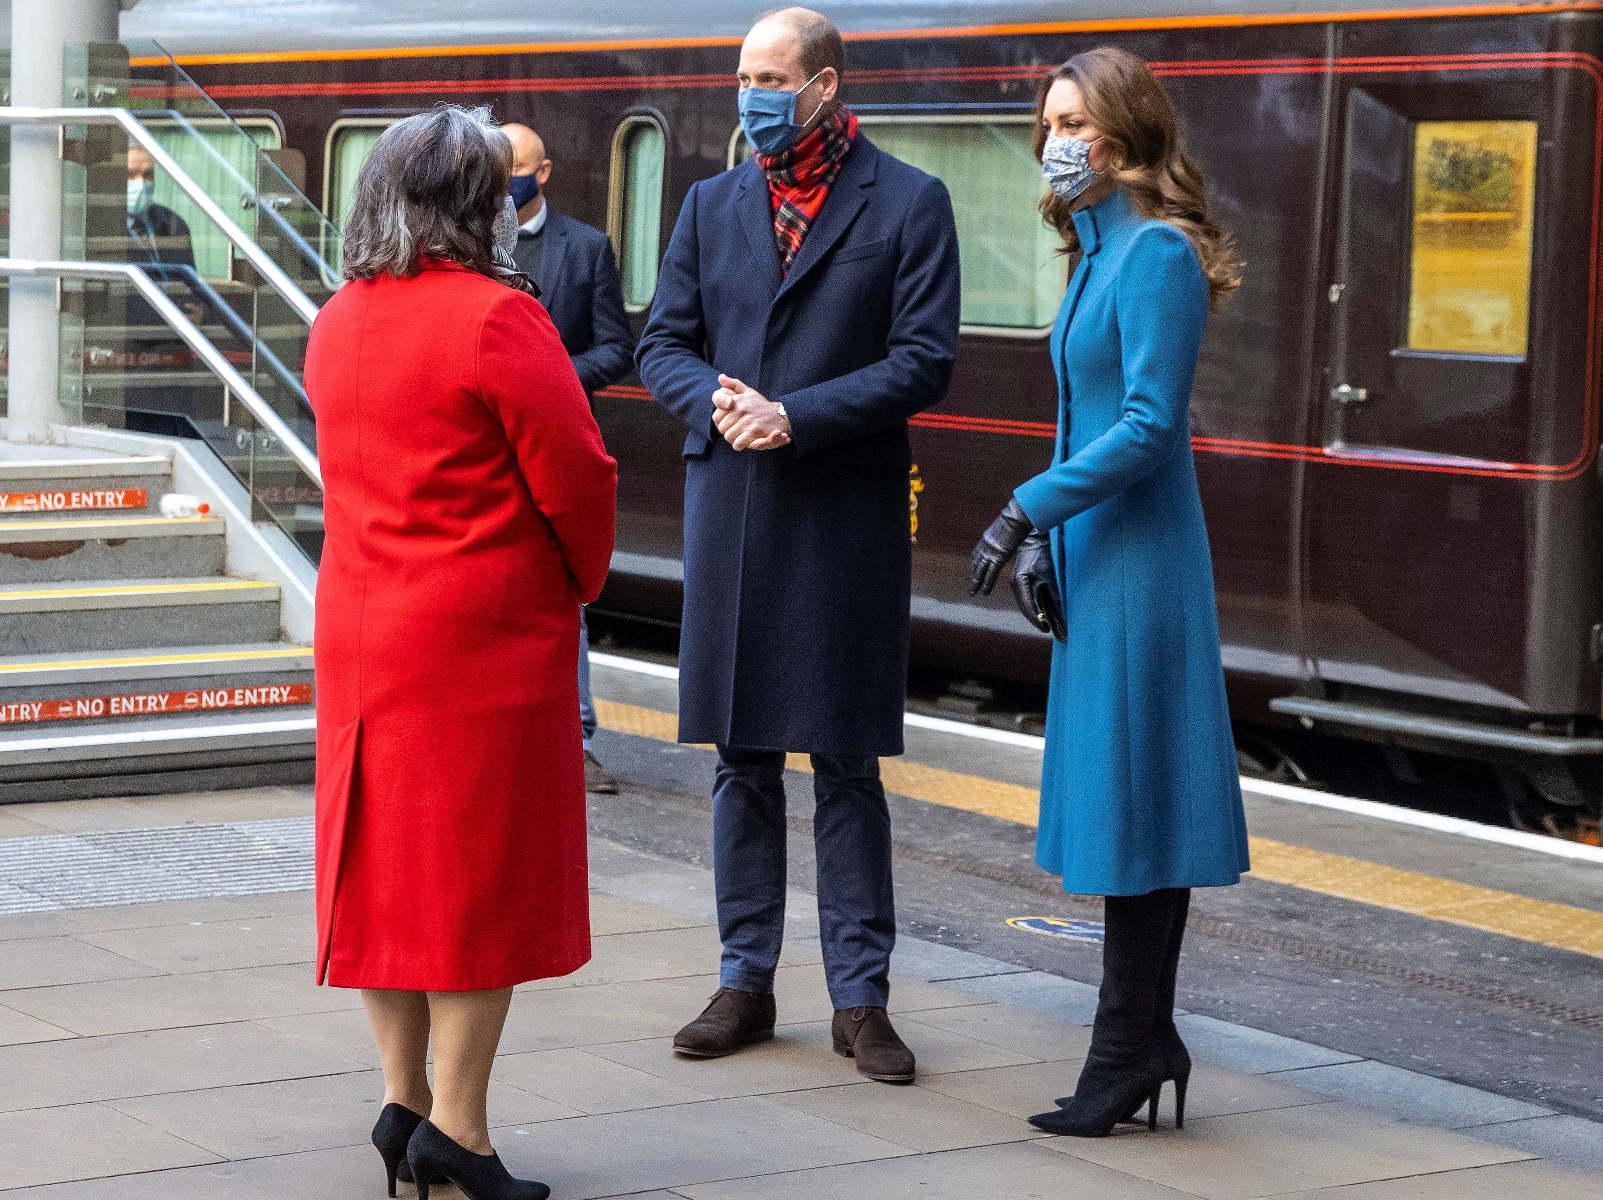 Κορονοϊός: Ουίλιαμ και Κέιτ σε περιοδεία με τρένο για τη στήριξη του προσωπικού πρώτης γραμμής